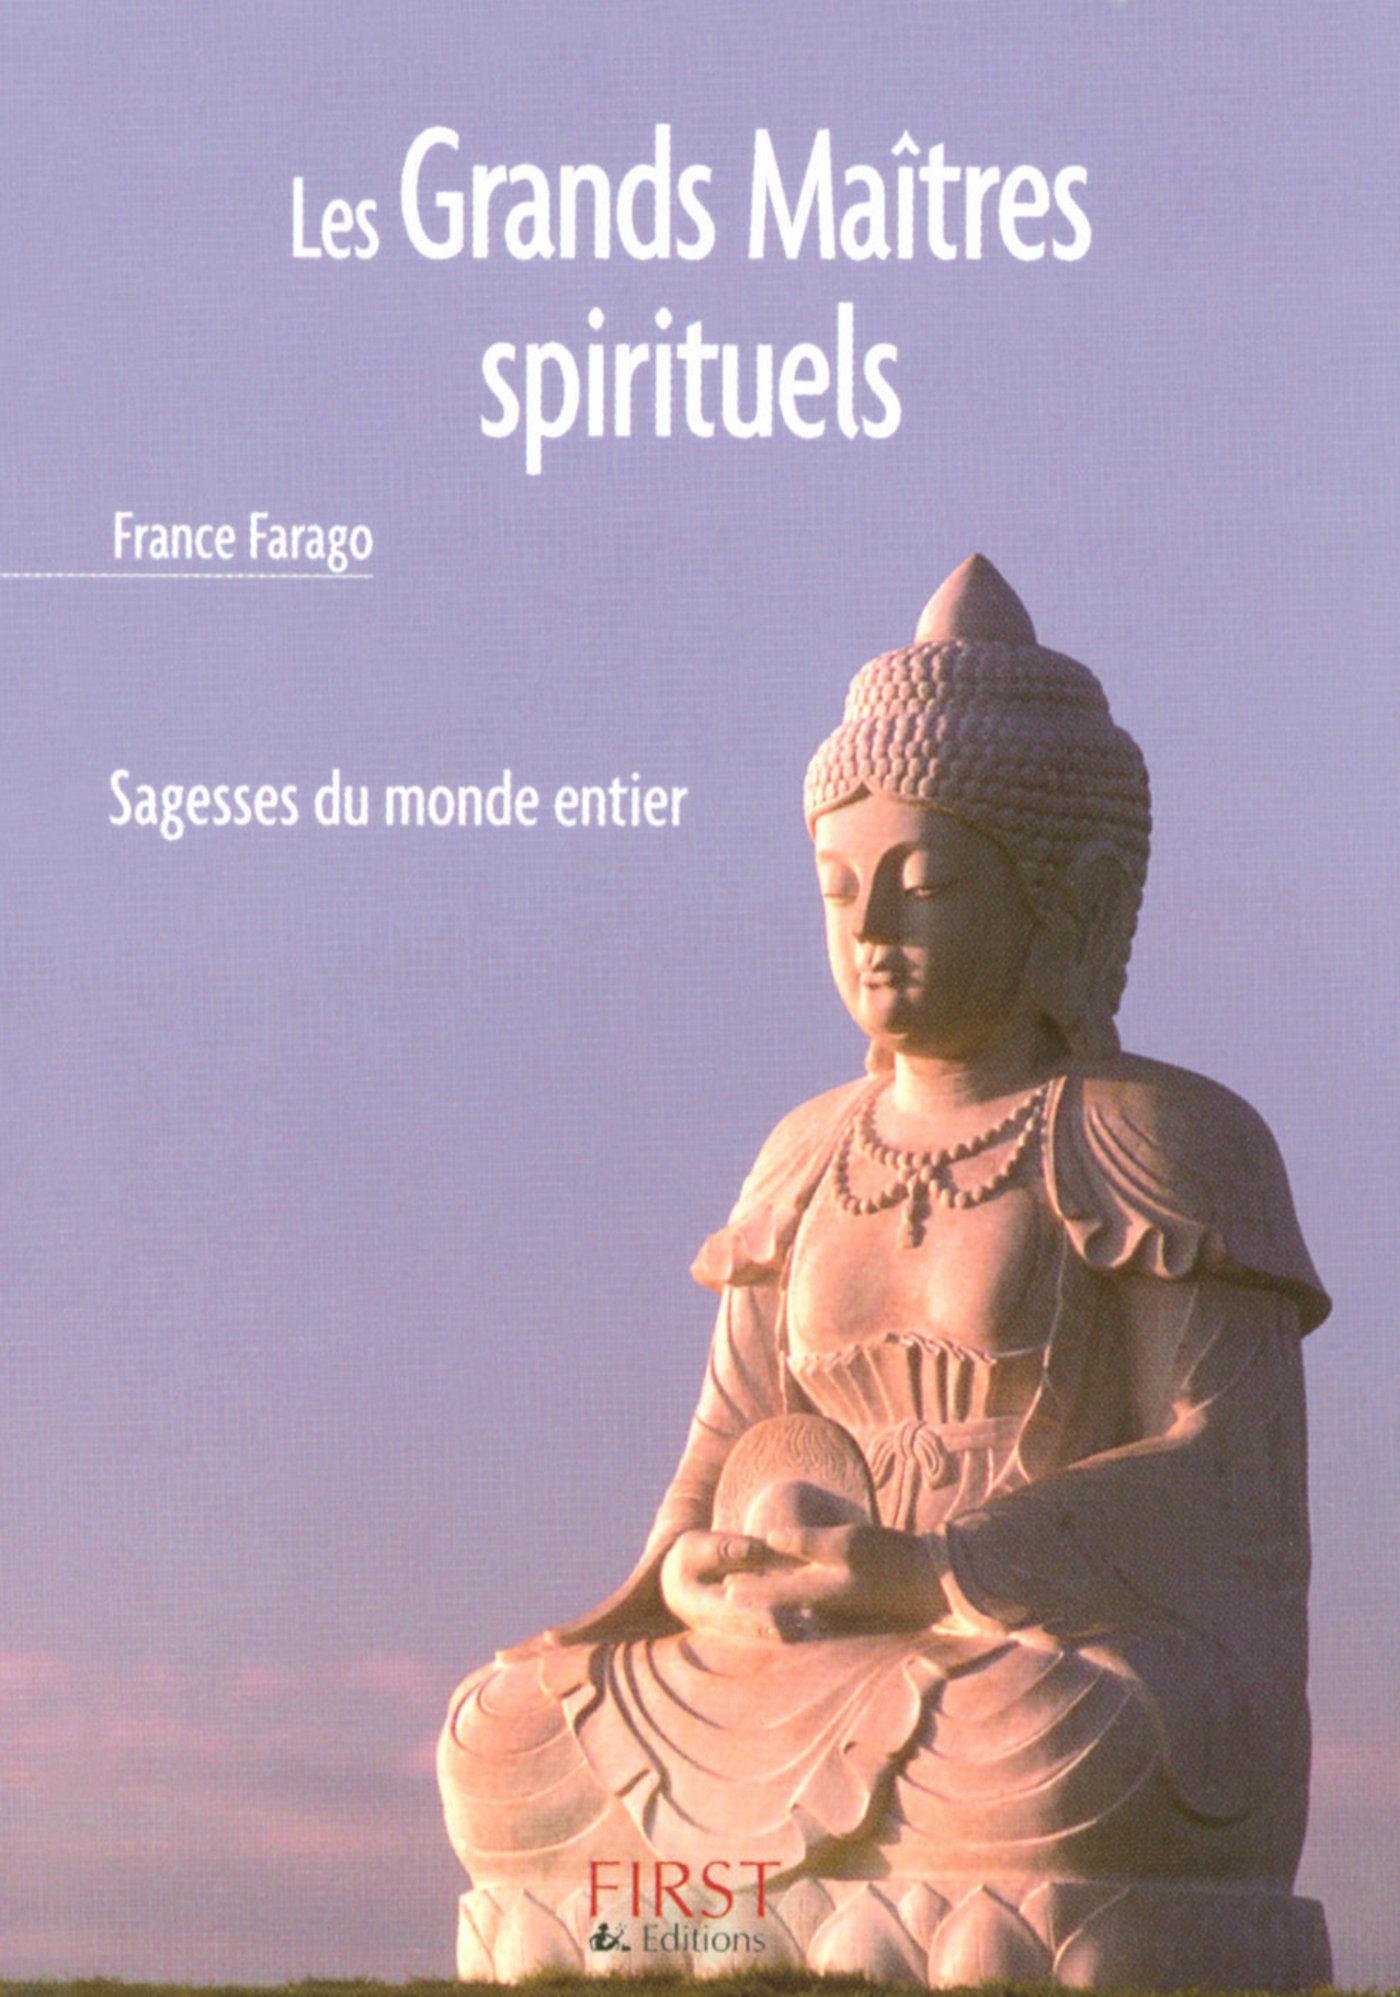 Le Petit Livre de - Les grands maîtres spirituels (ebook)